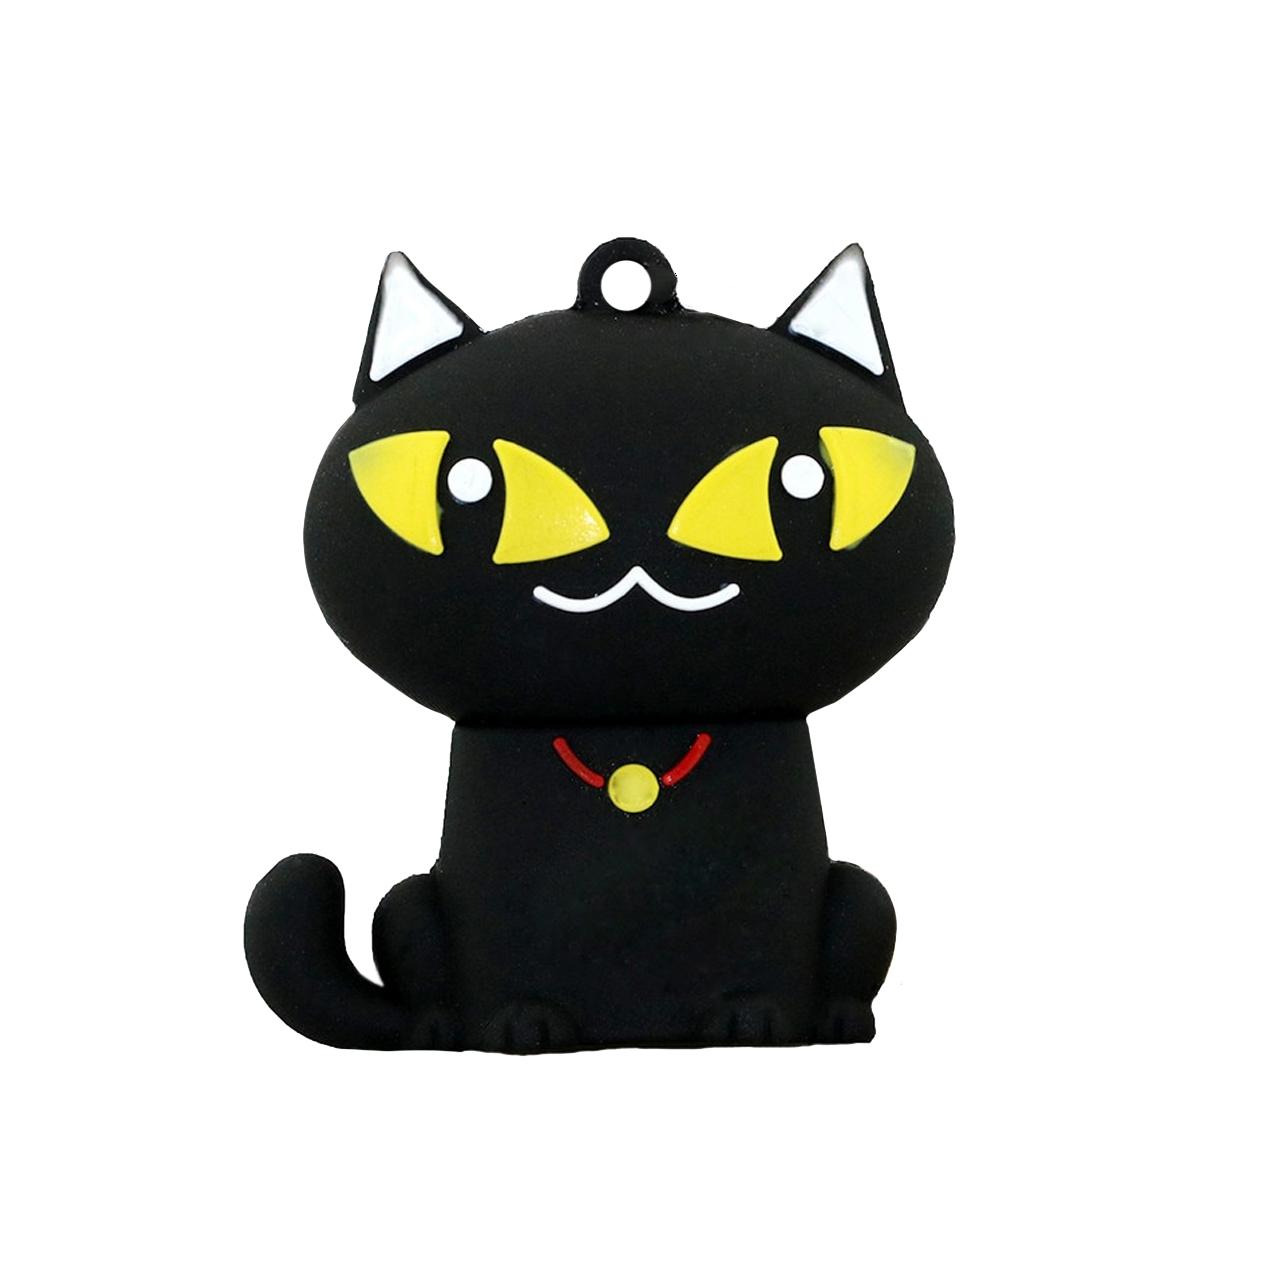 بررسی و {خرید با تخفیف} فلش مموری طرح Black Cat مدل DPL1177 ظرفیت 64 گیگابایت اصل